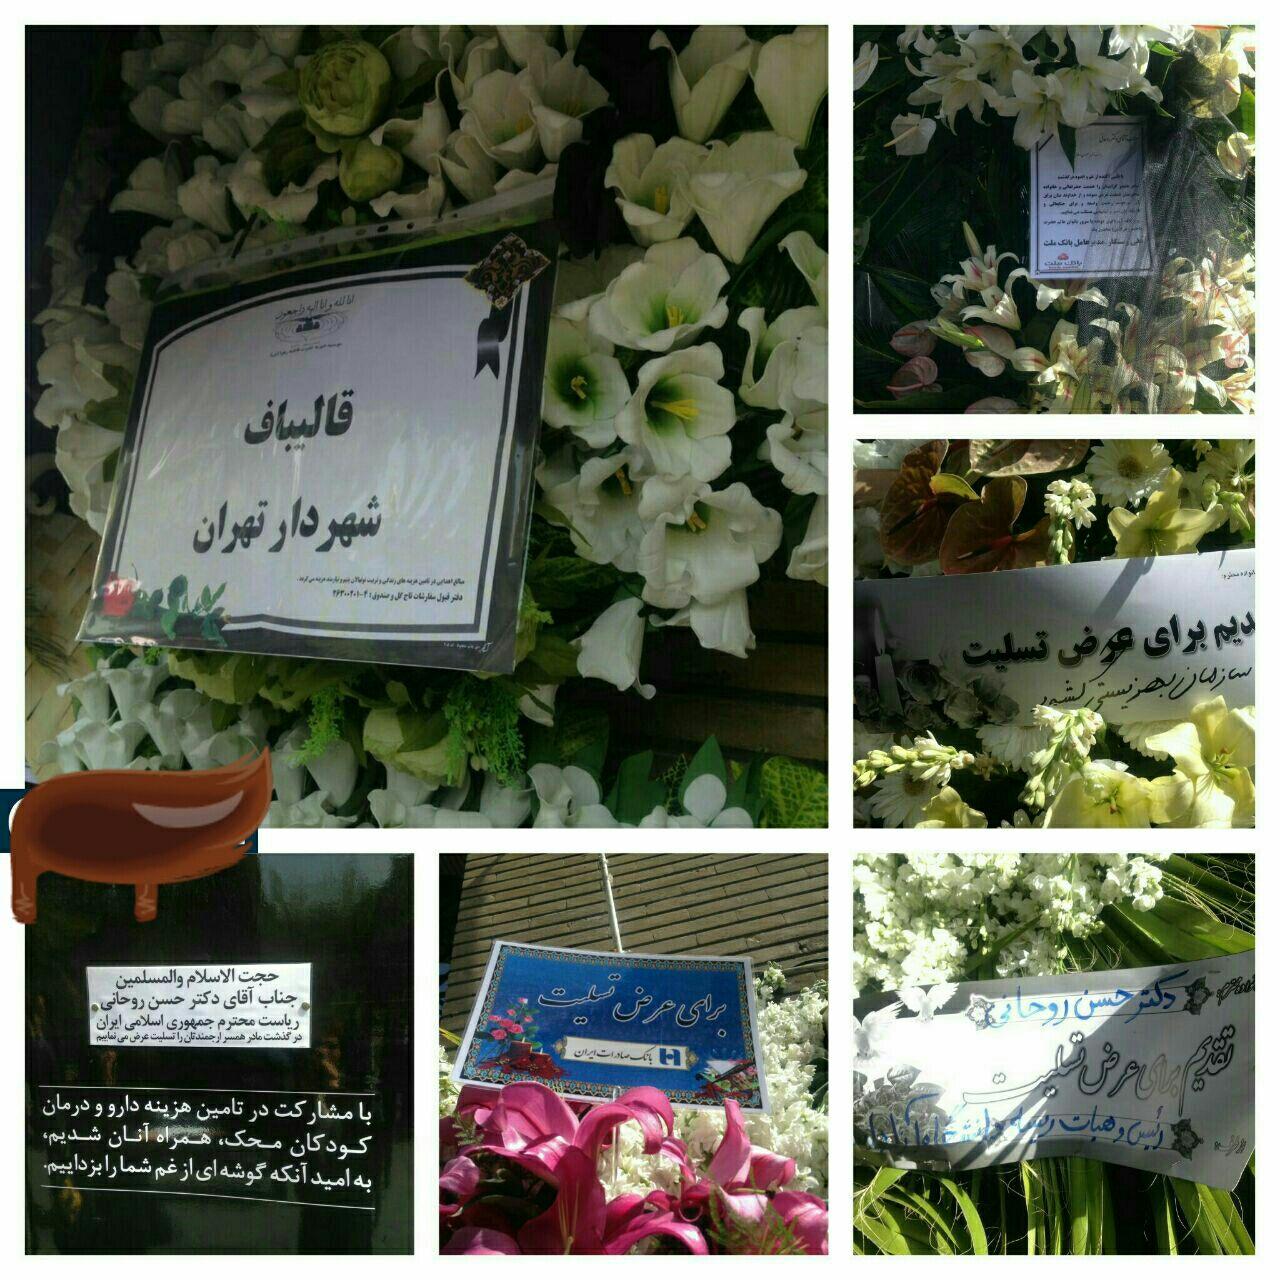 گلهایی برای عرض تسلیت به رئیس جمهور